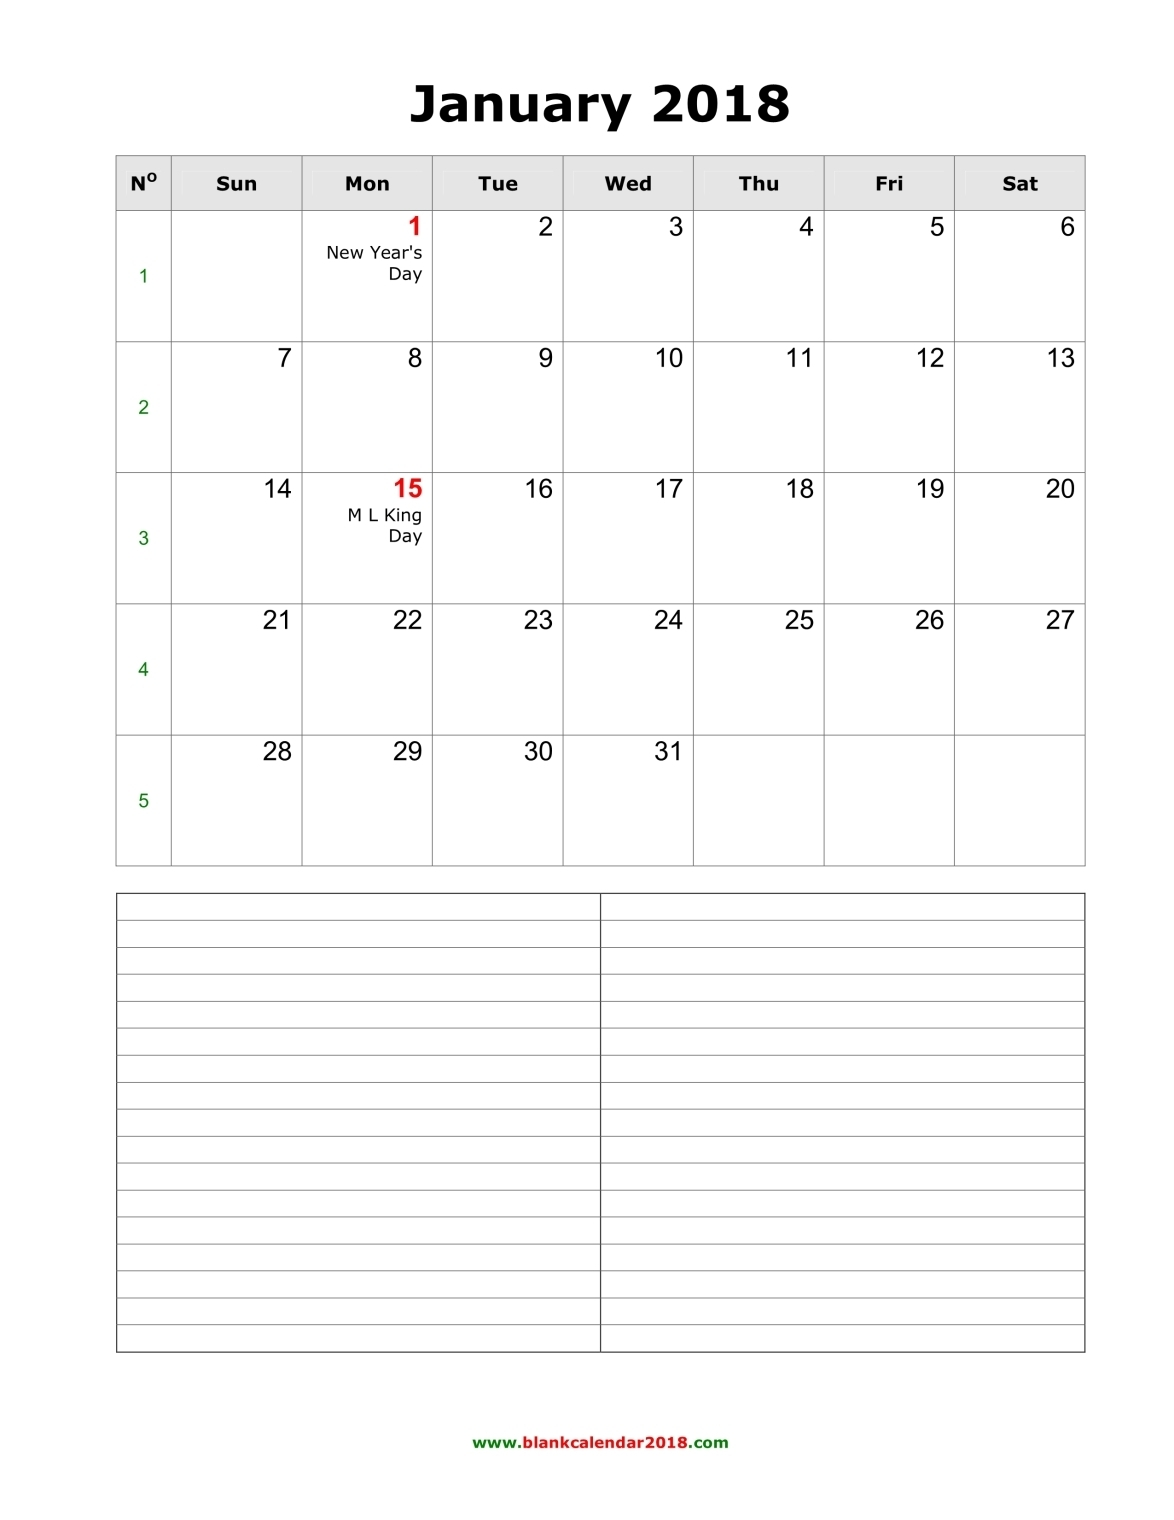 Blank Calendar for January 2018